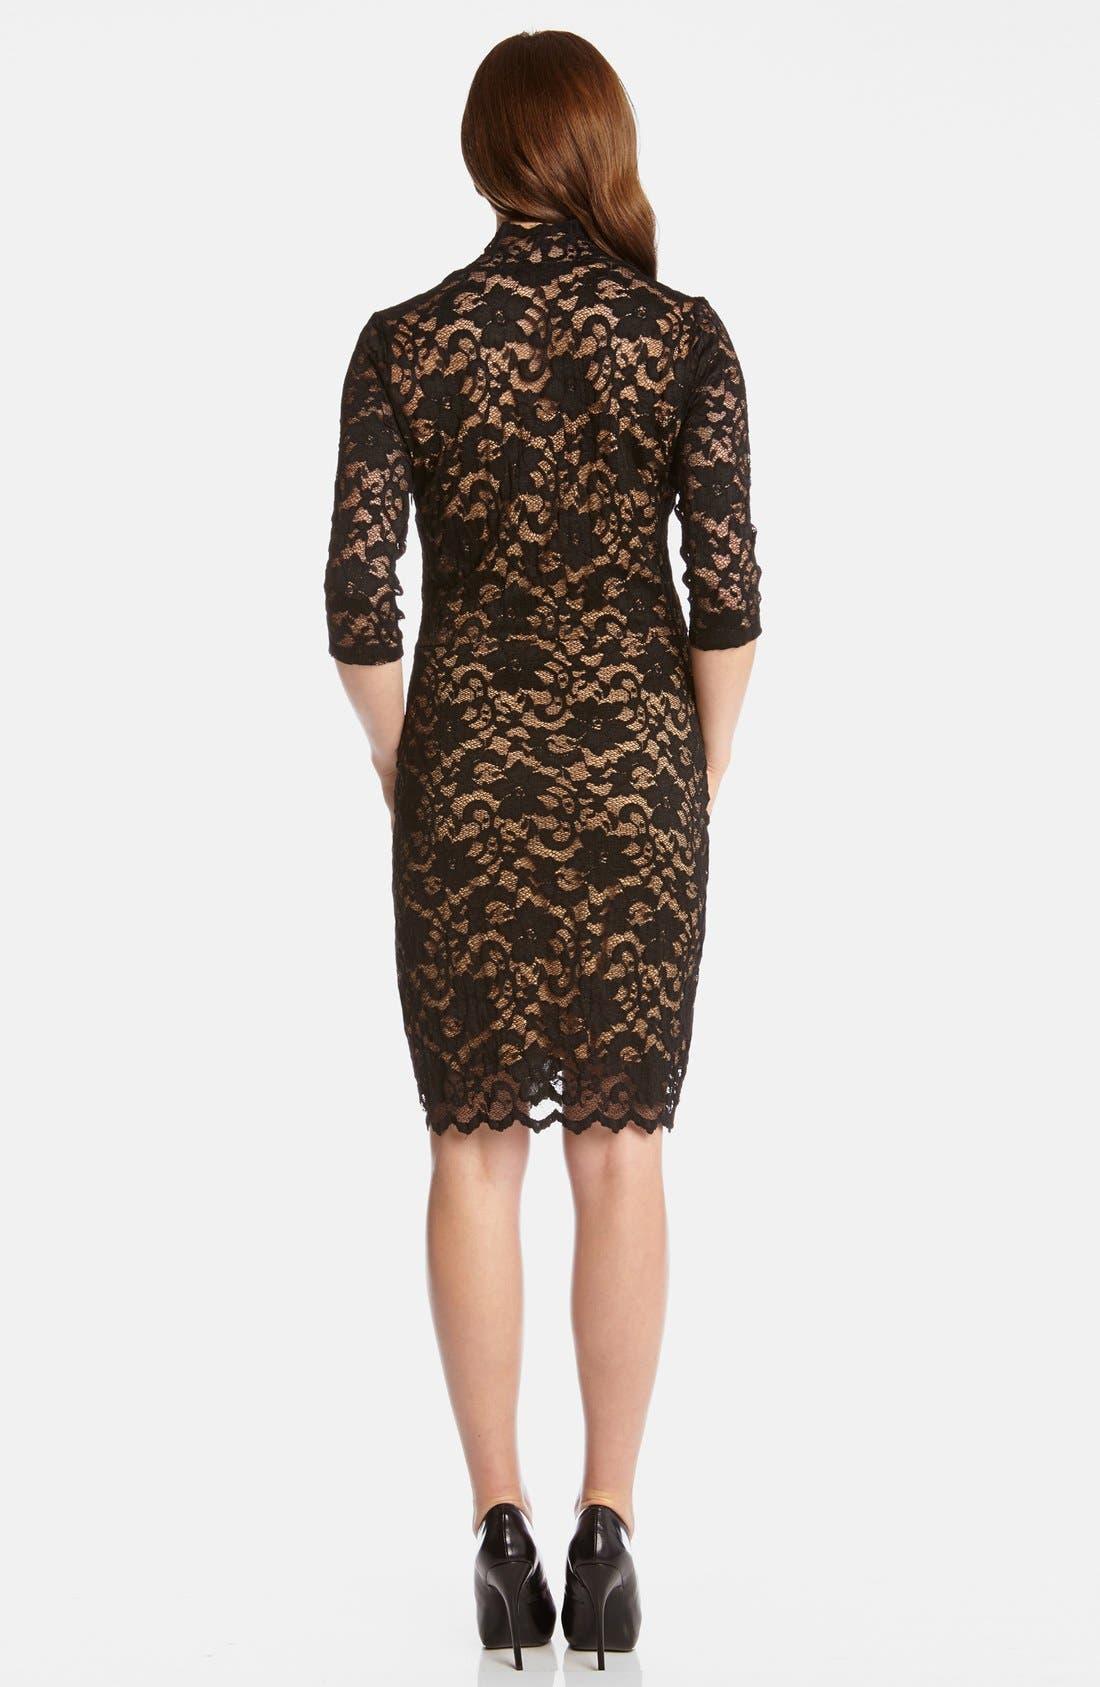 KAREN KANE,                             Scalloped Lace Sheath Dress,                             Alternate thumbnail 2, color,                             BLACK/ NUDE